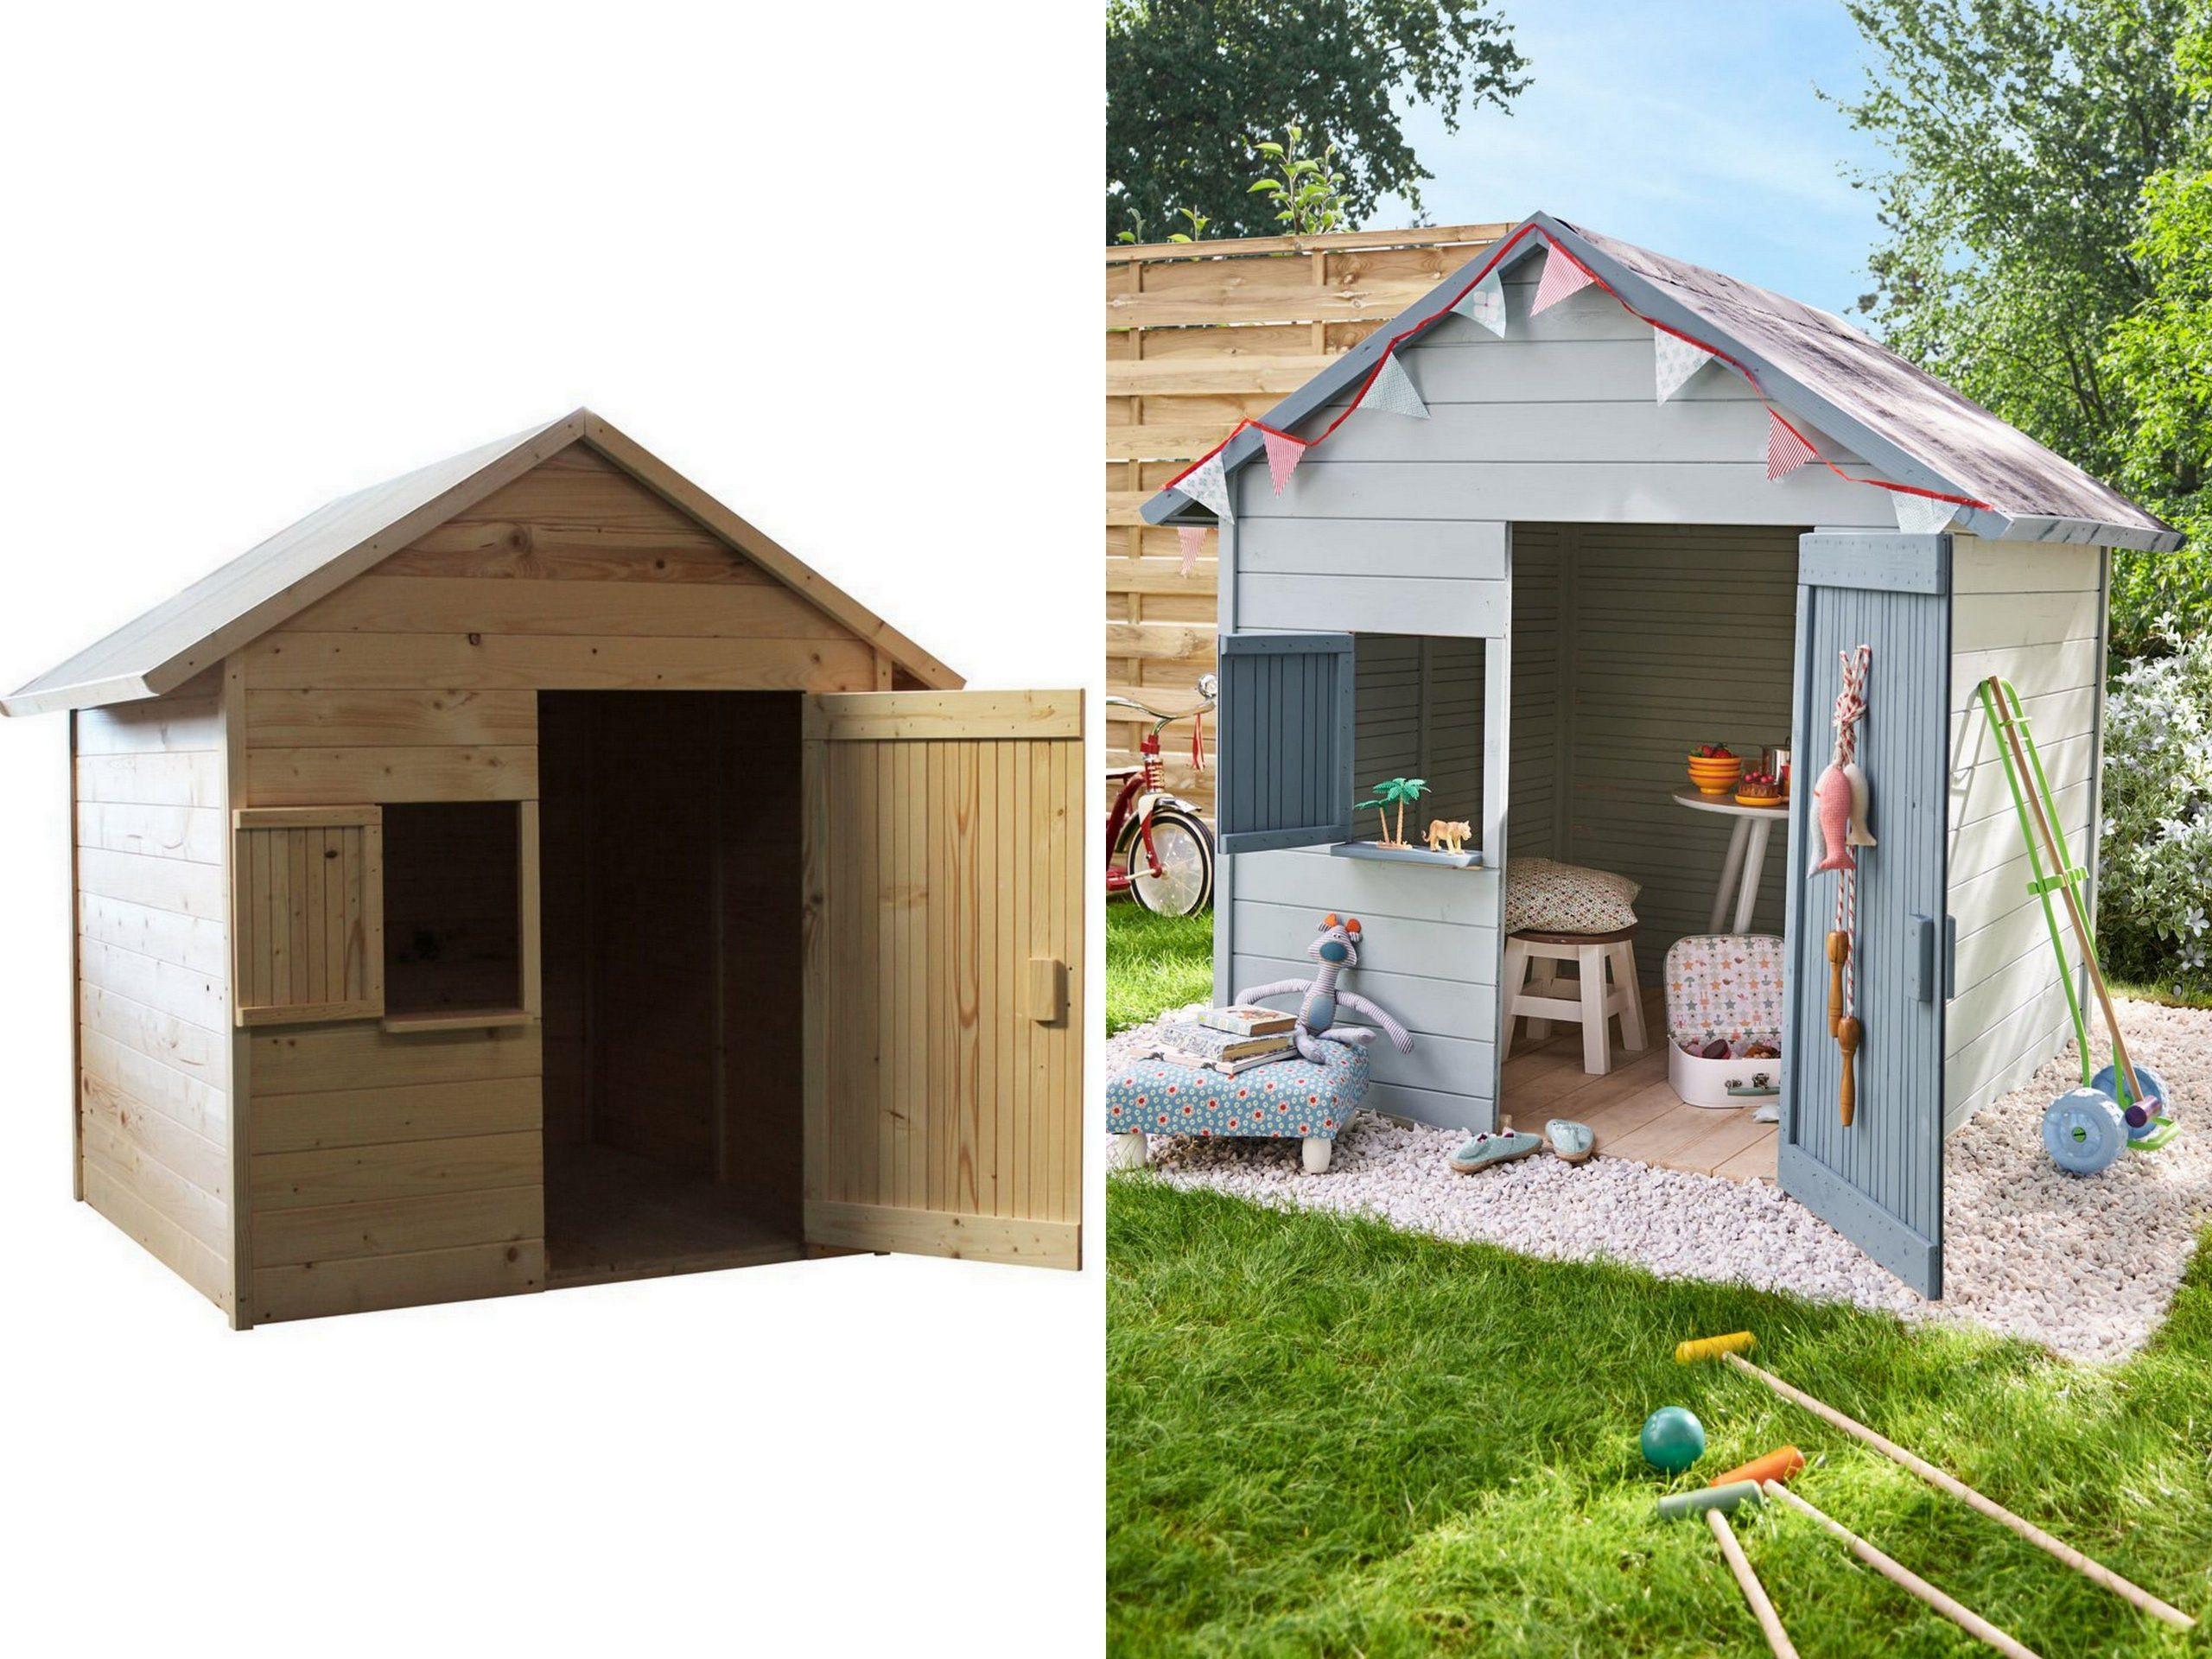 Une Cabane En Bois Pour Enfant À Prix Doux | Abri De Jardin ... destiné Cabane De Jardin Enfant Pas Cher